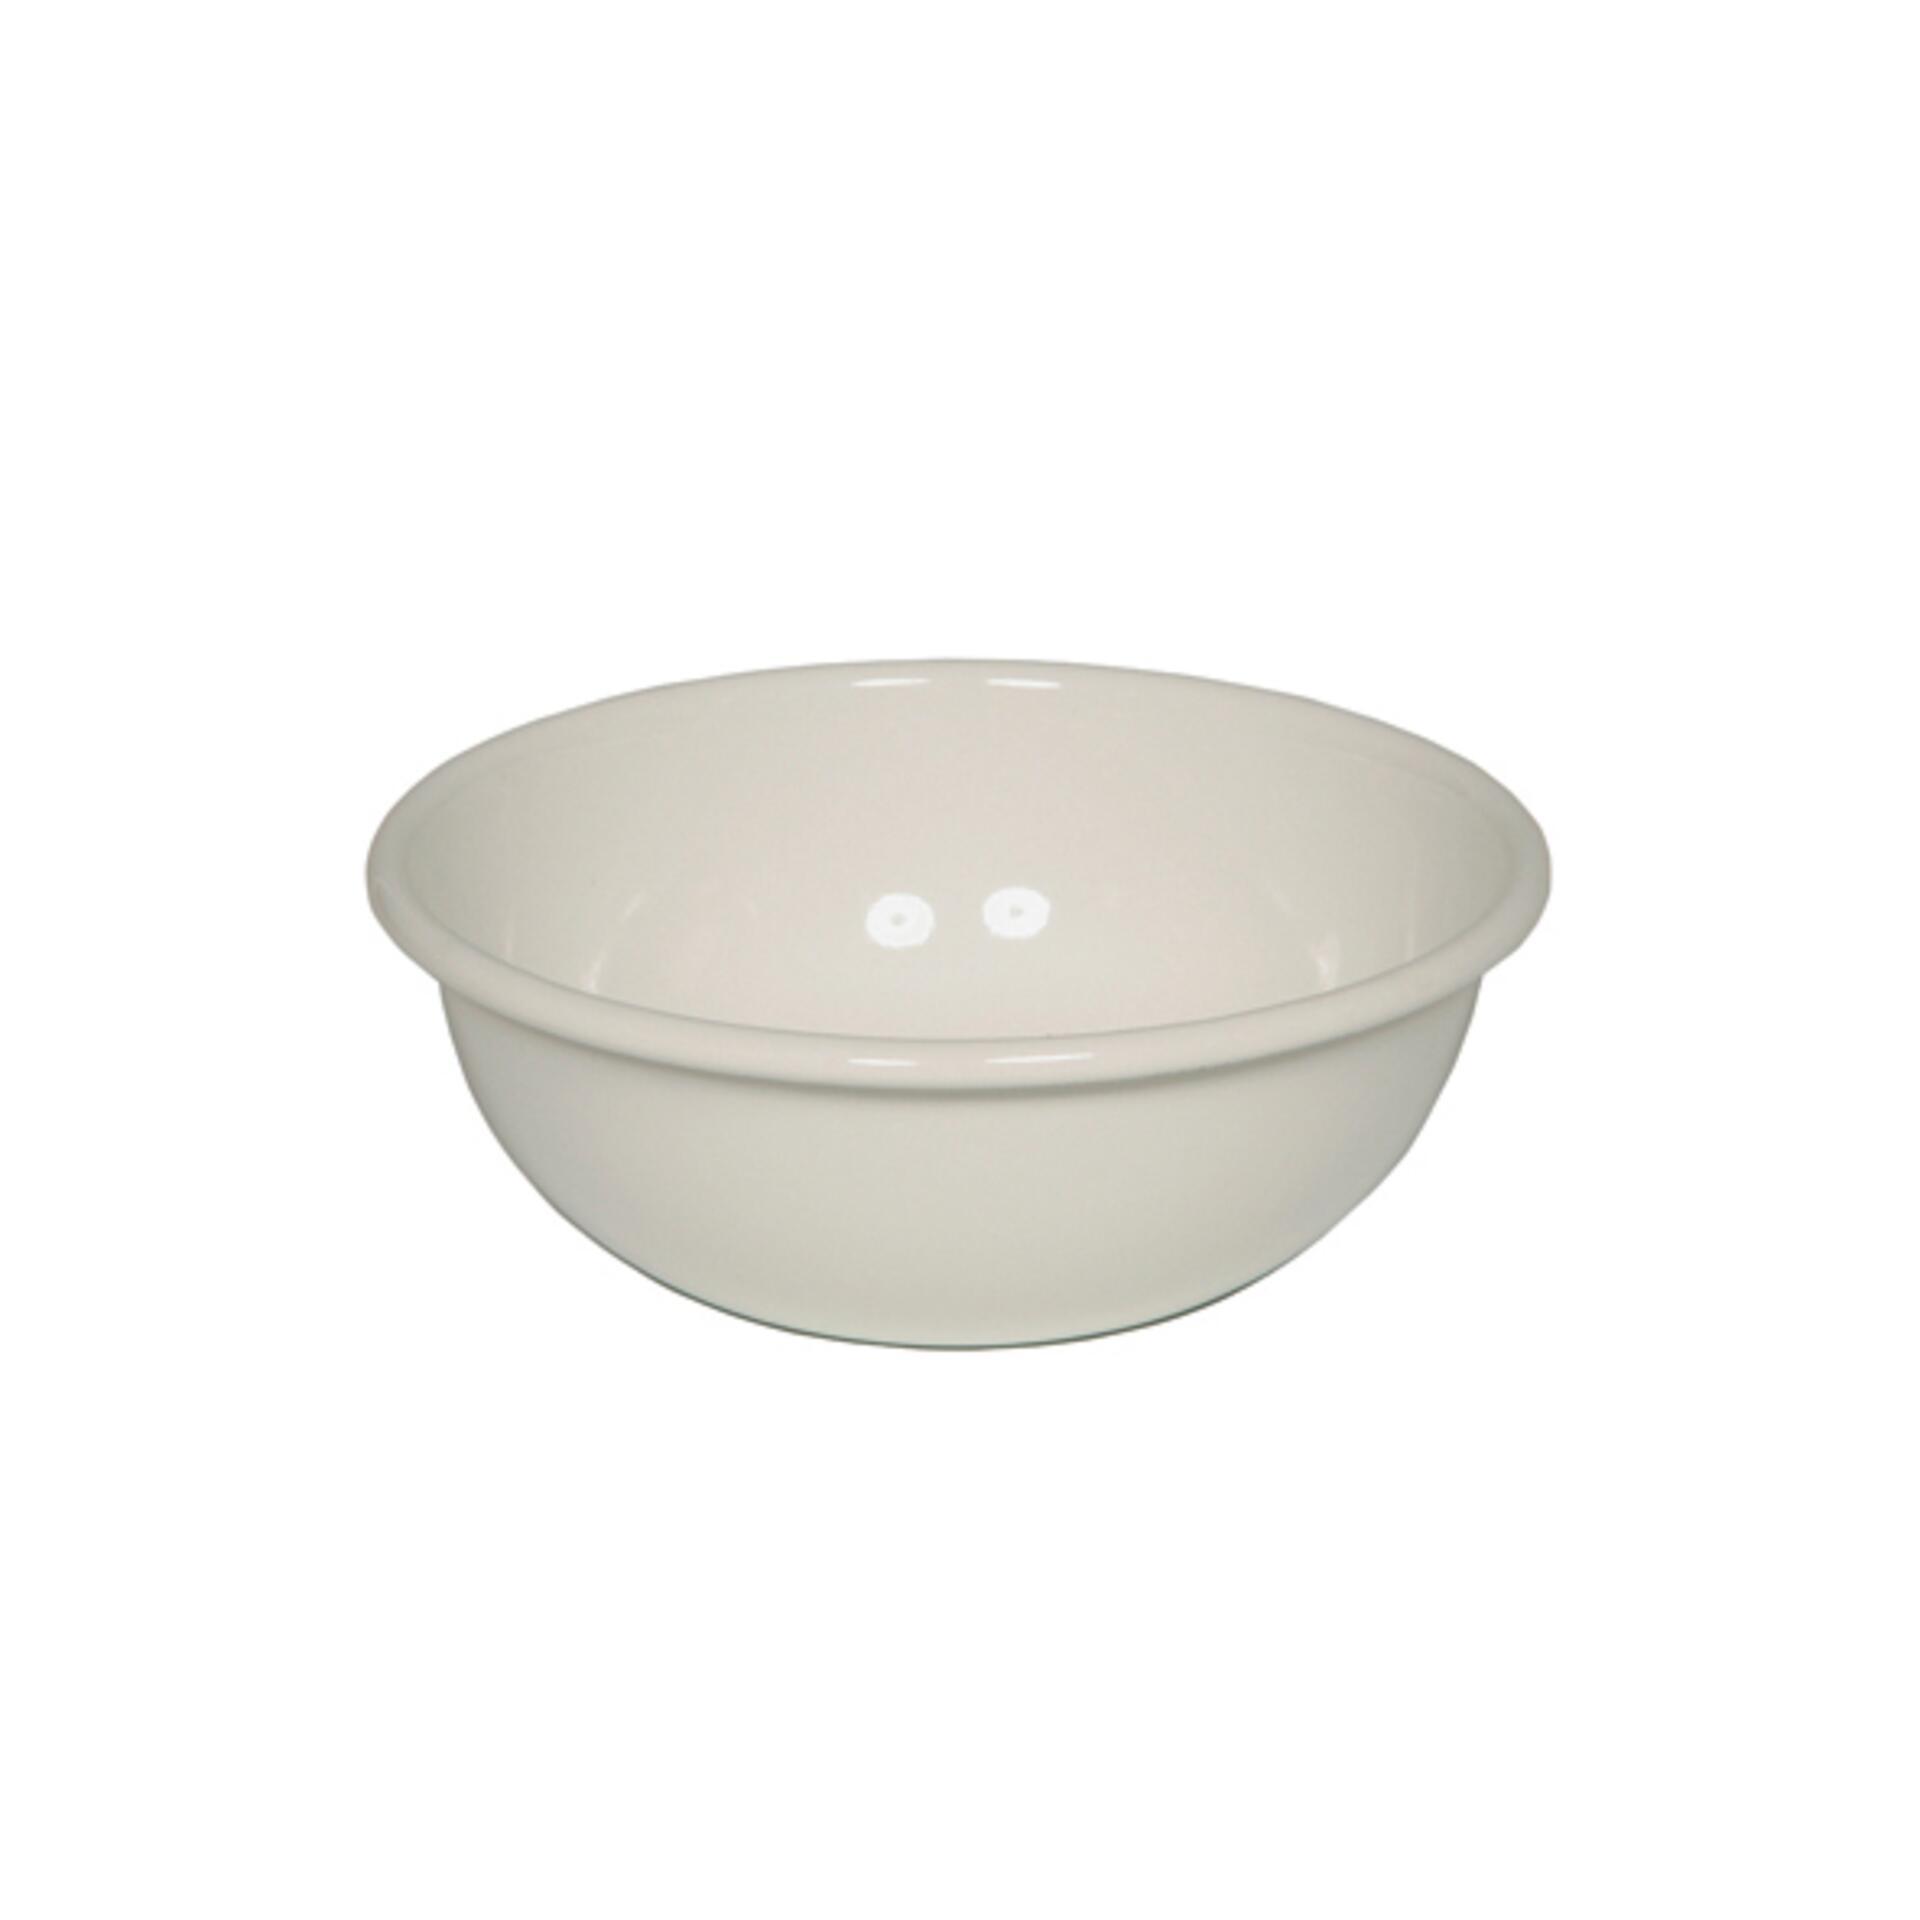 Riess Küchenschüssel 16 cm Weiß